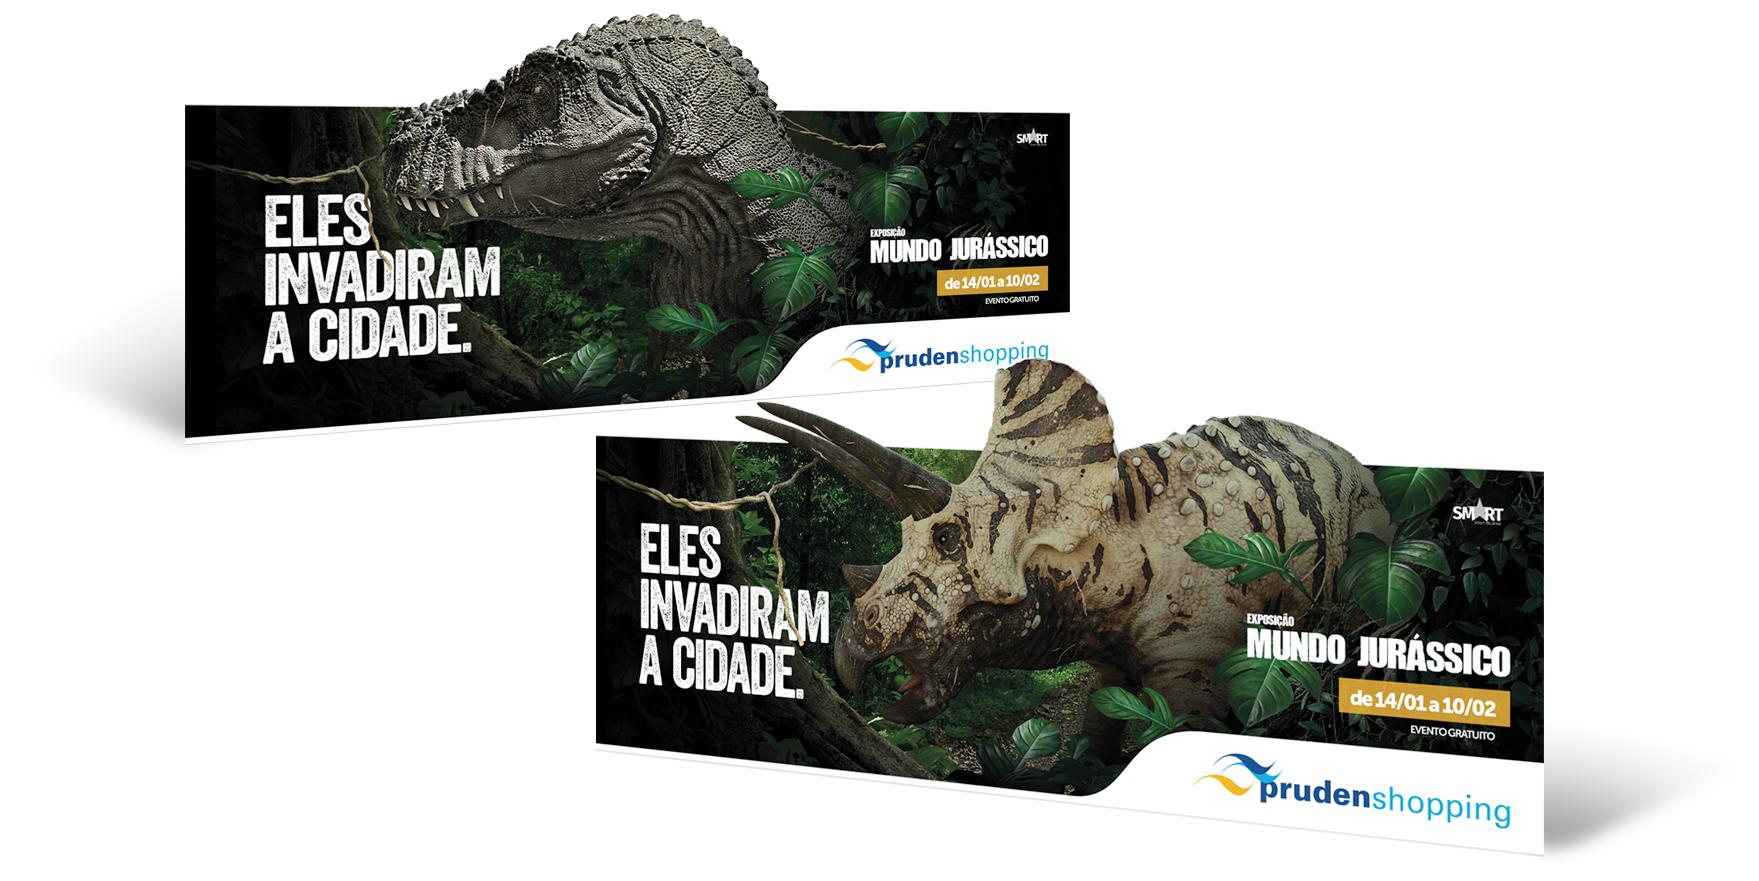 Evento-Dinossauro-Prudenshopping---Audi-Comunicacao---01